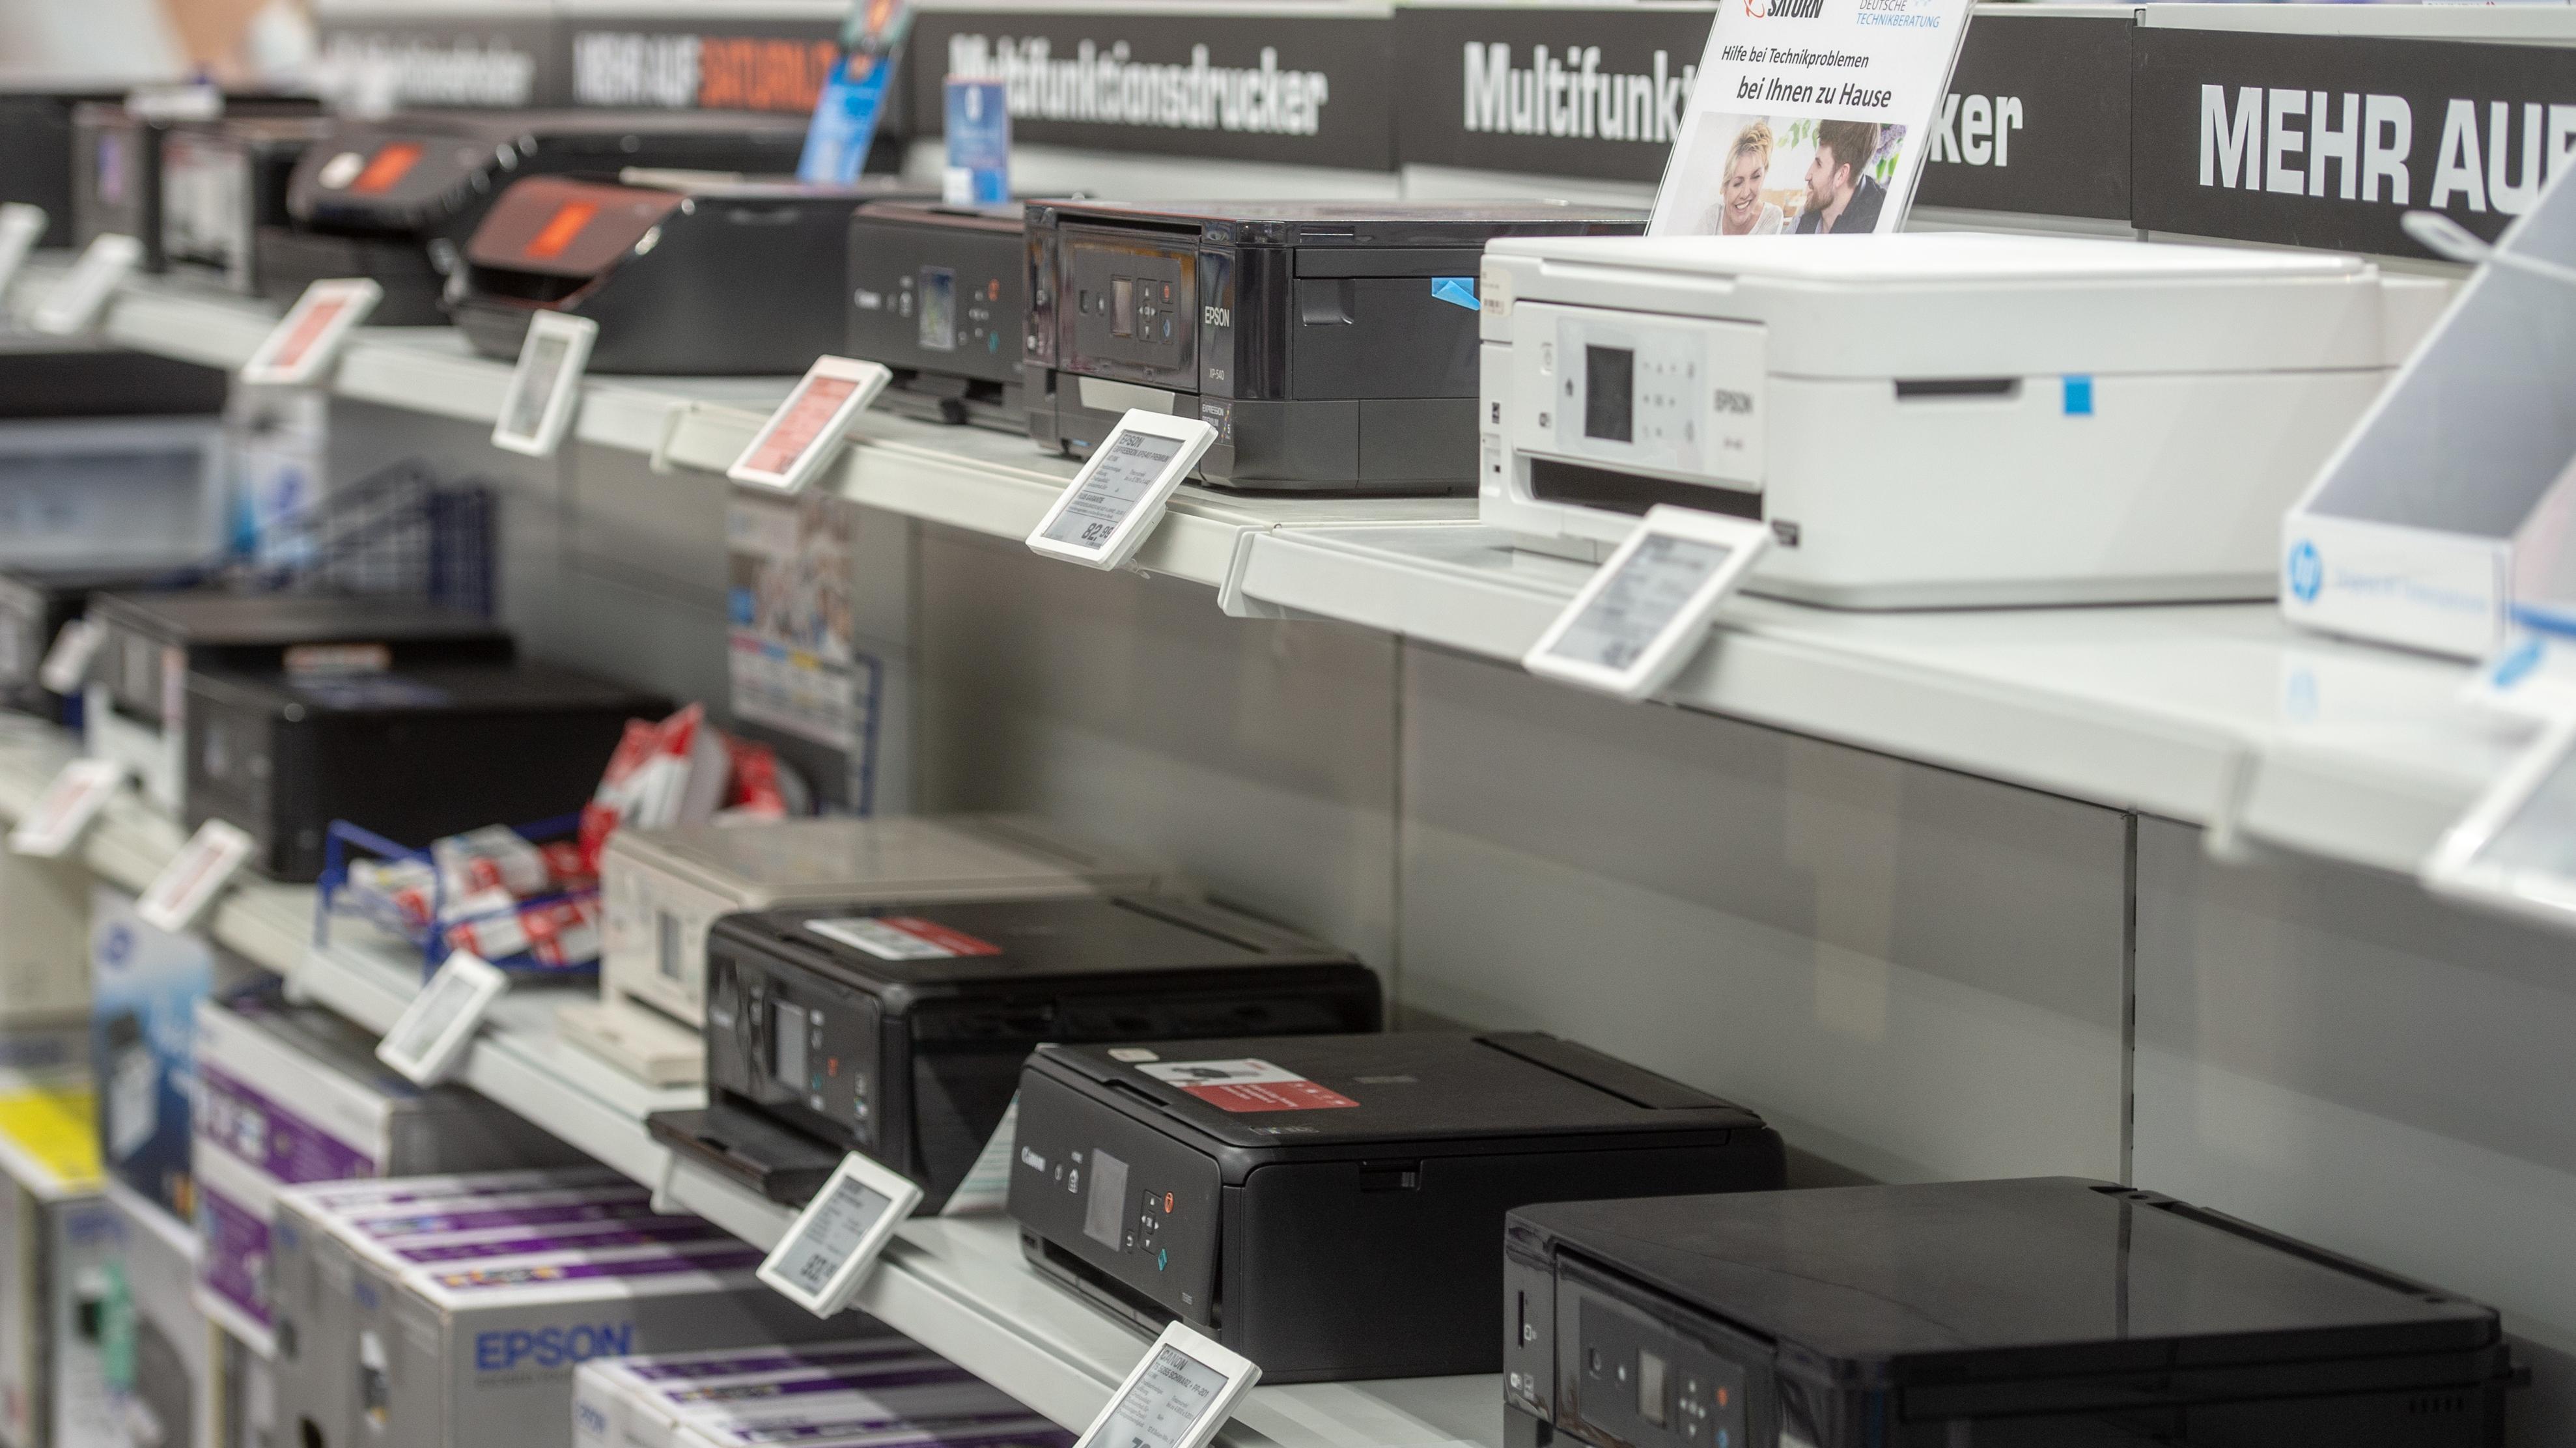 Drucker stehen in einem Elektronikmarkt